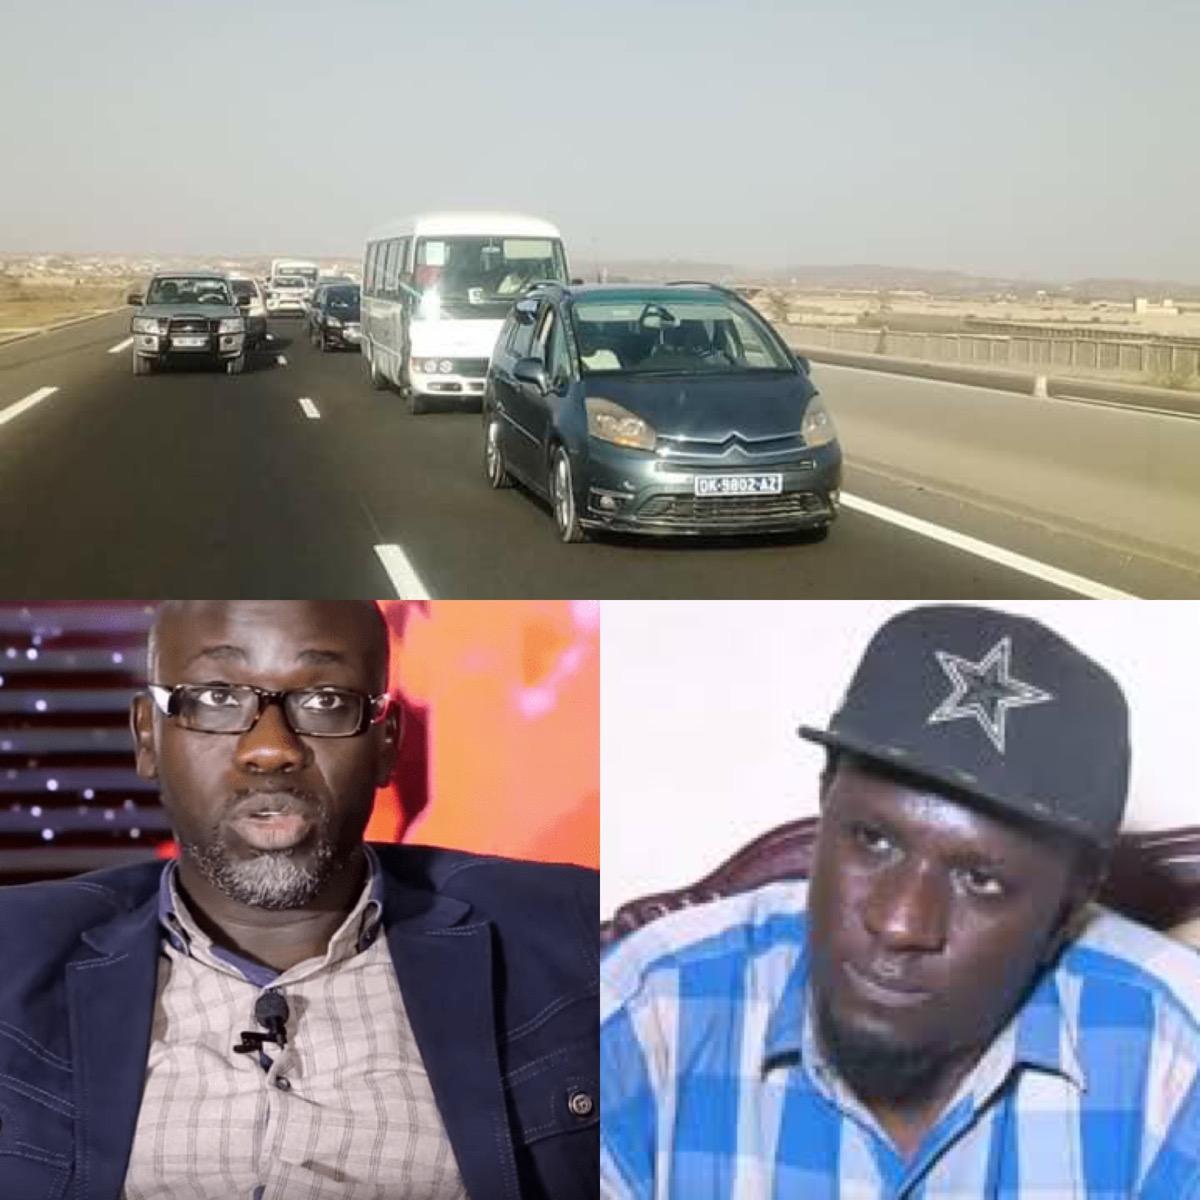 Recueillement à la mémoire des victimes de l'autoroute : Yérim seck, Simon Kouka et le frère de Papis Mballo arrêtés